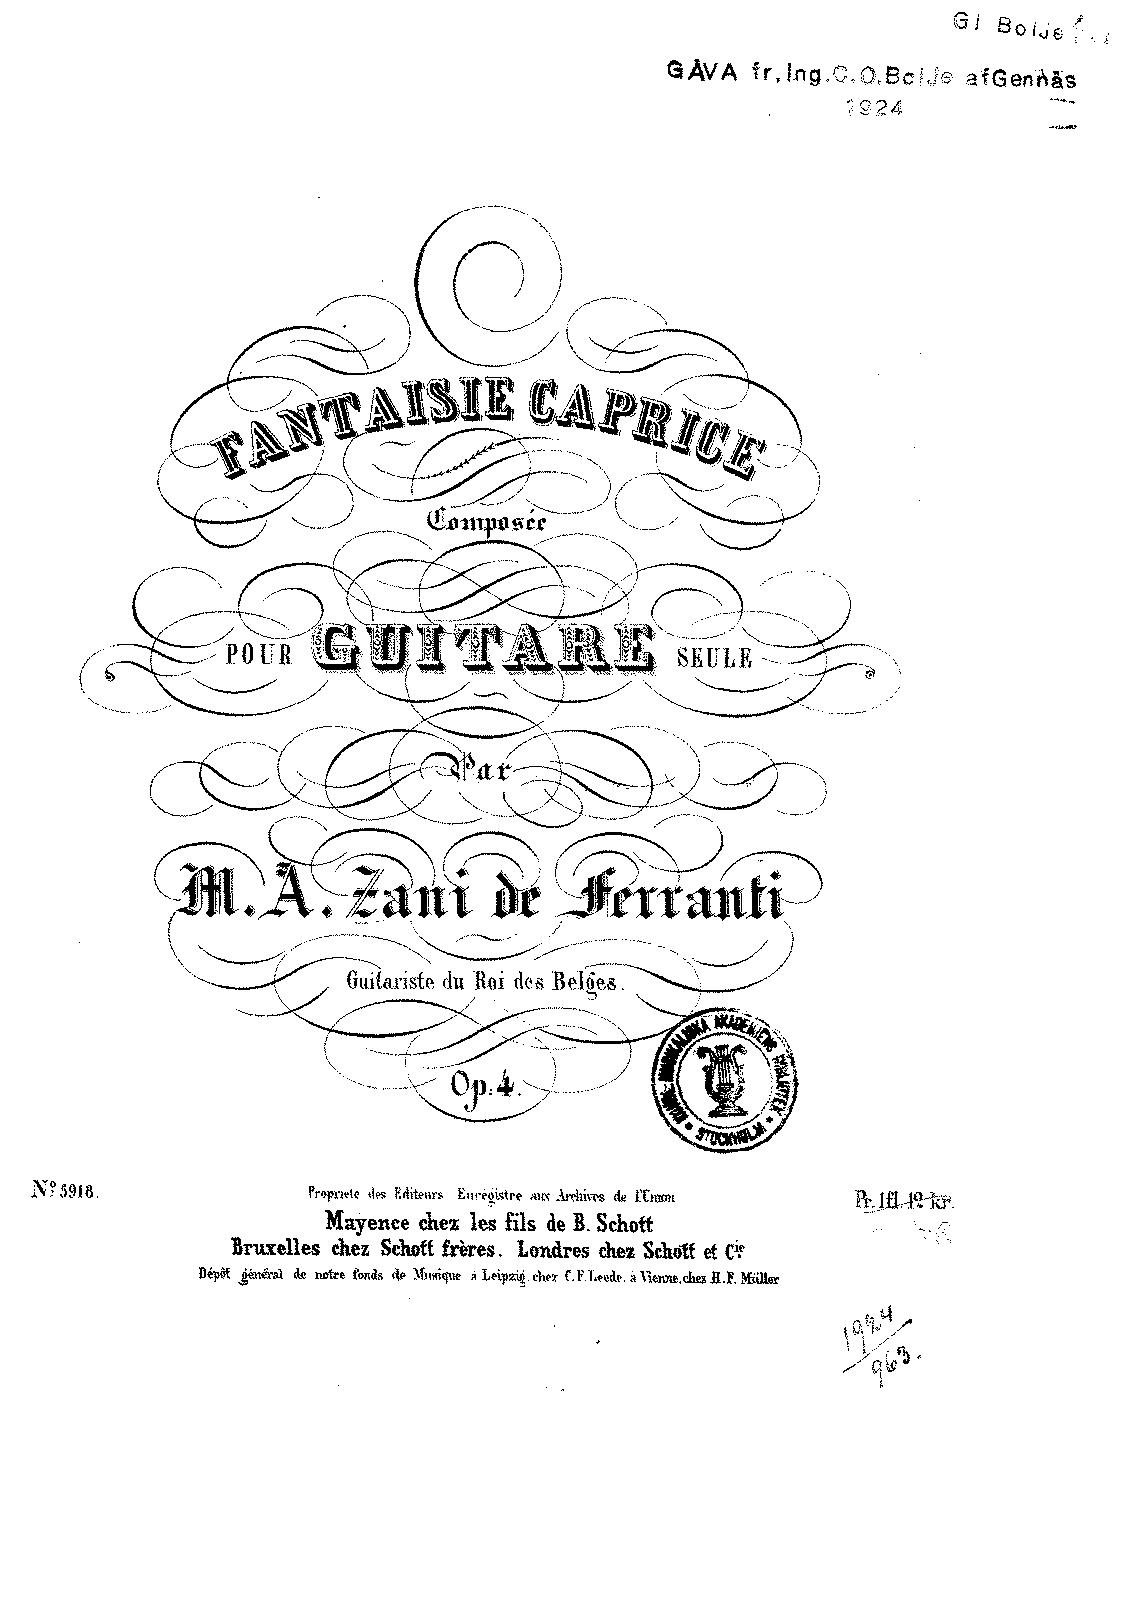 Fantaisie Caprice, Op.4 (Ferranti, Marco Aurelio Zani de